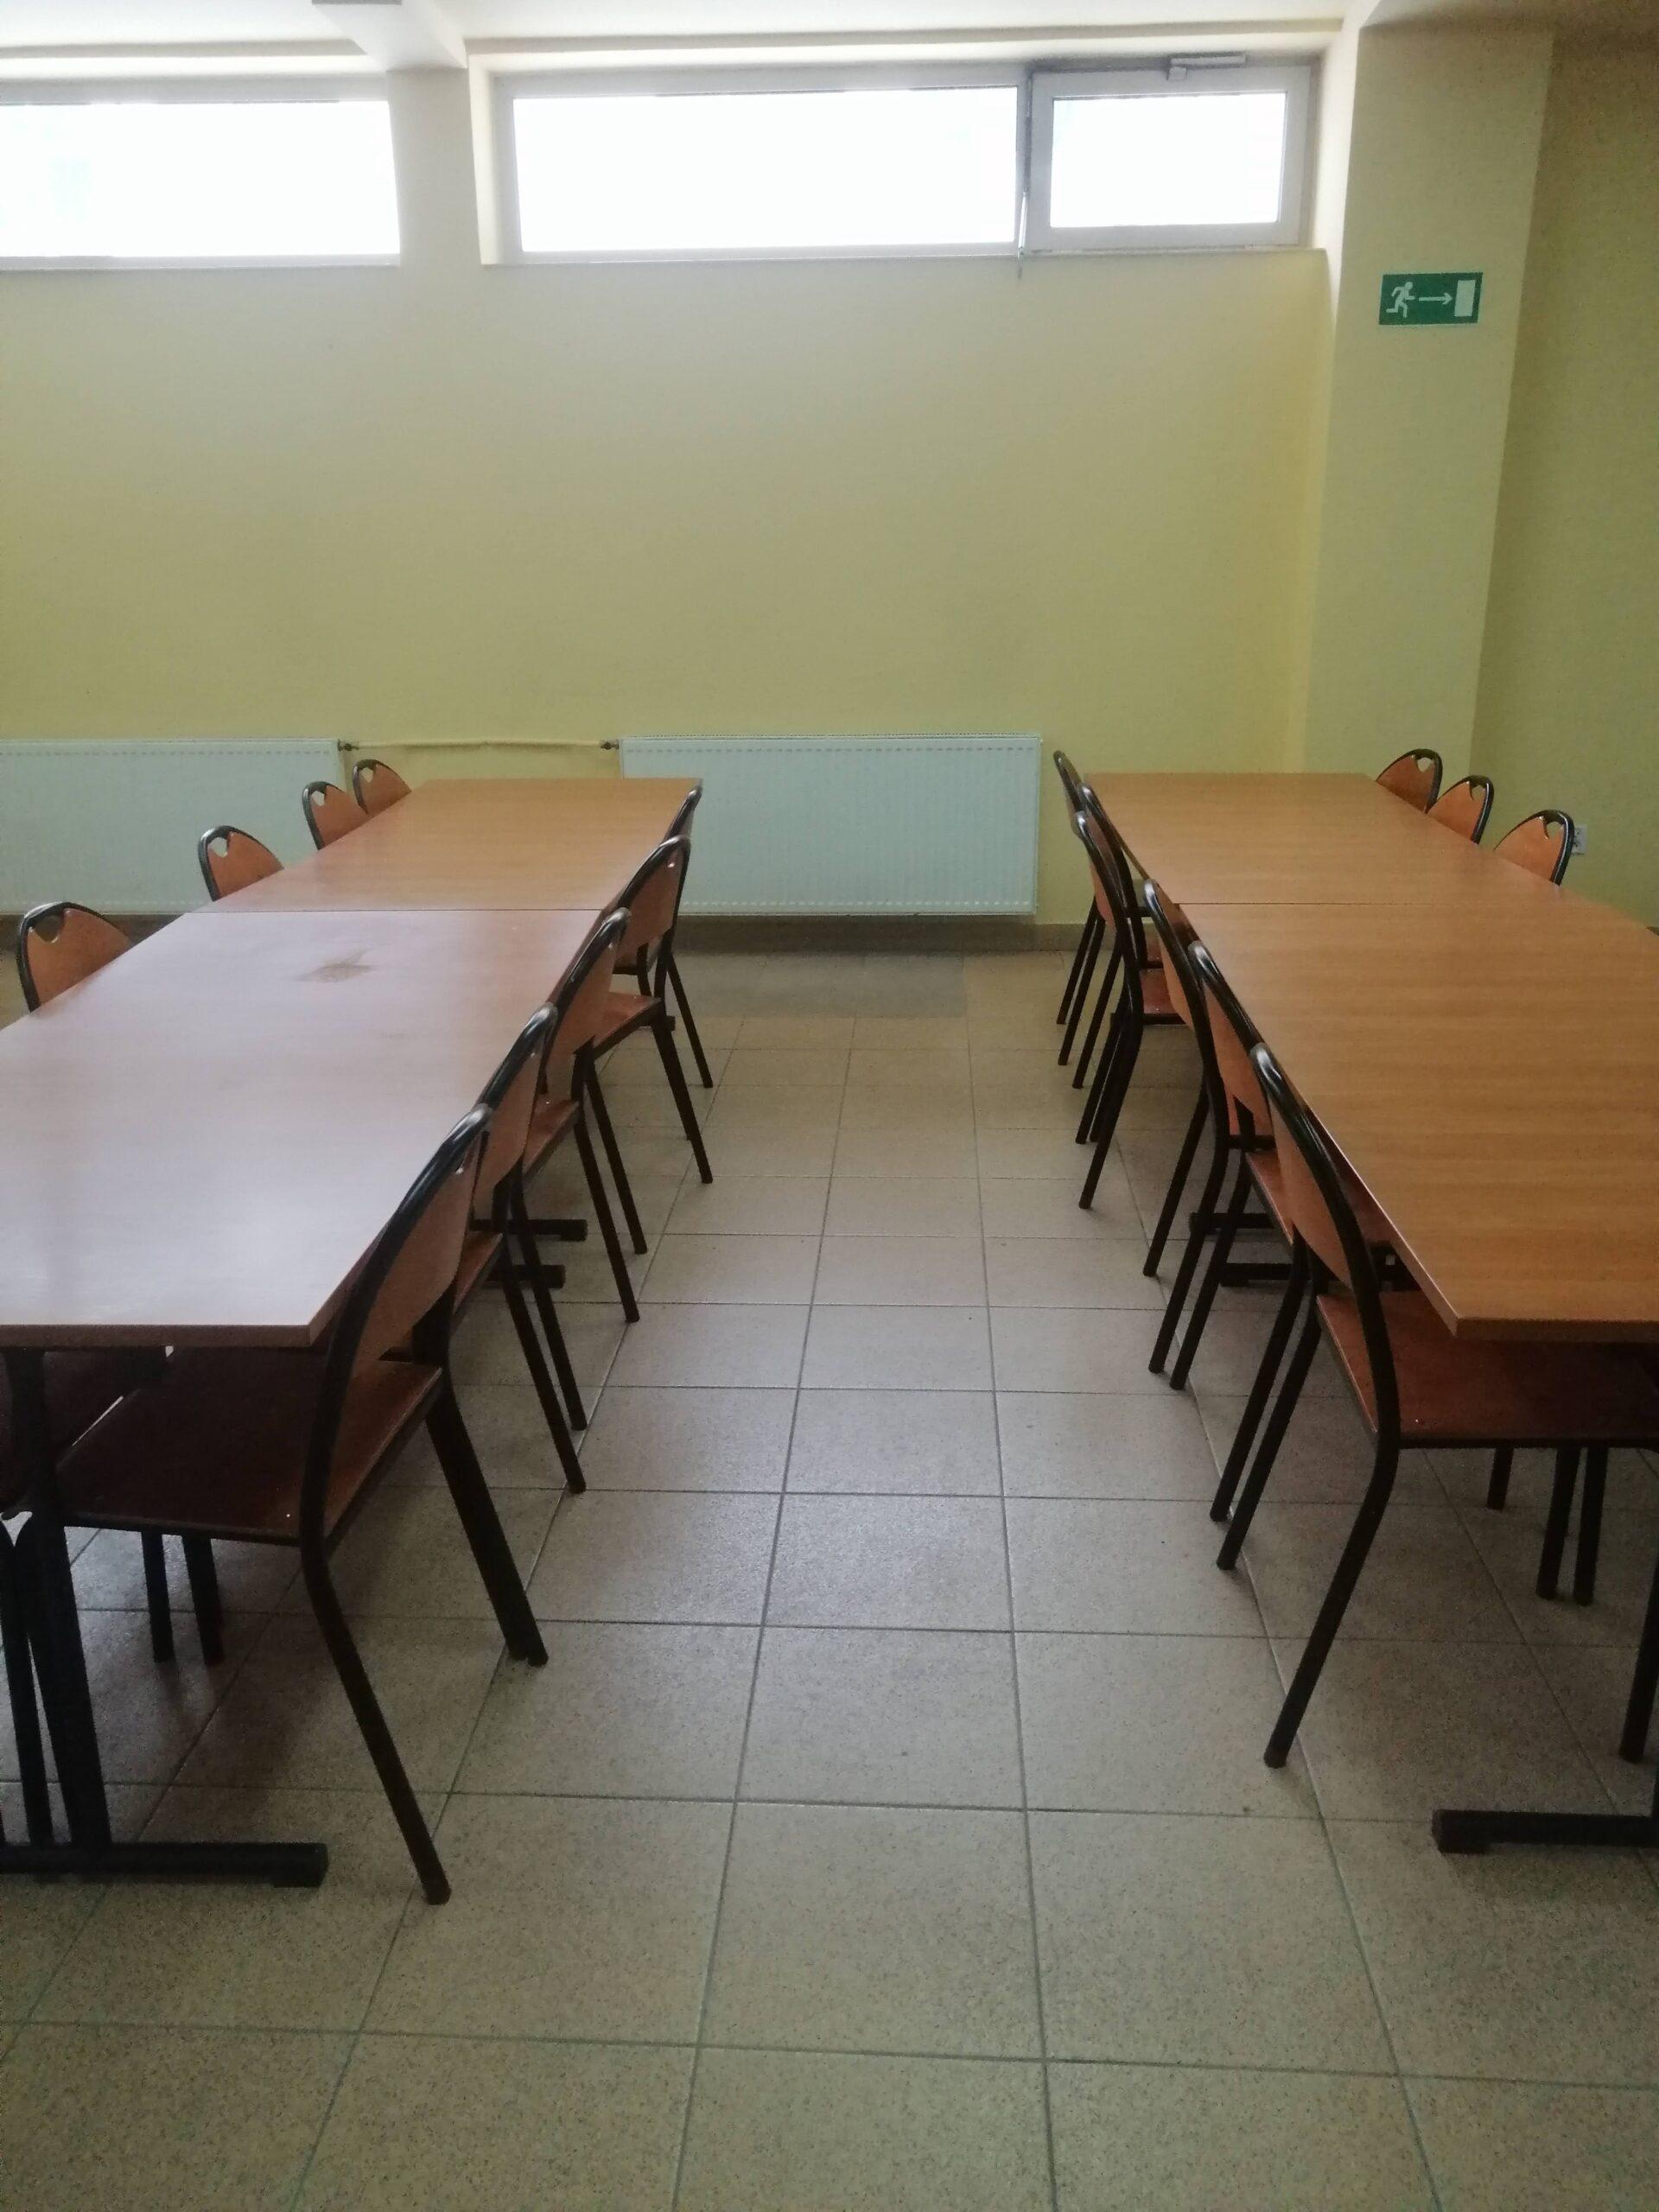 wnętrze klasy. w dwóch rzędach ustawione ławki szkolne z krzesłami